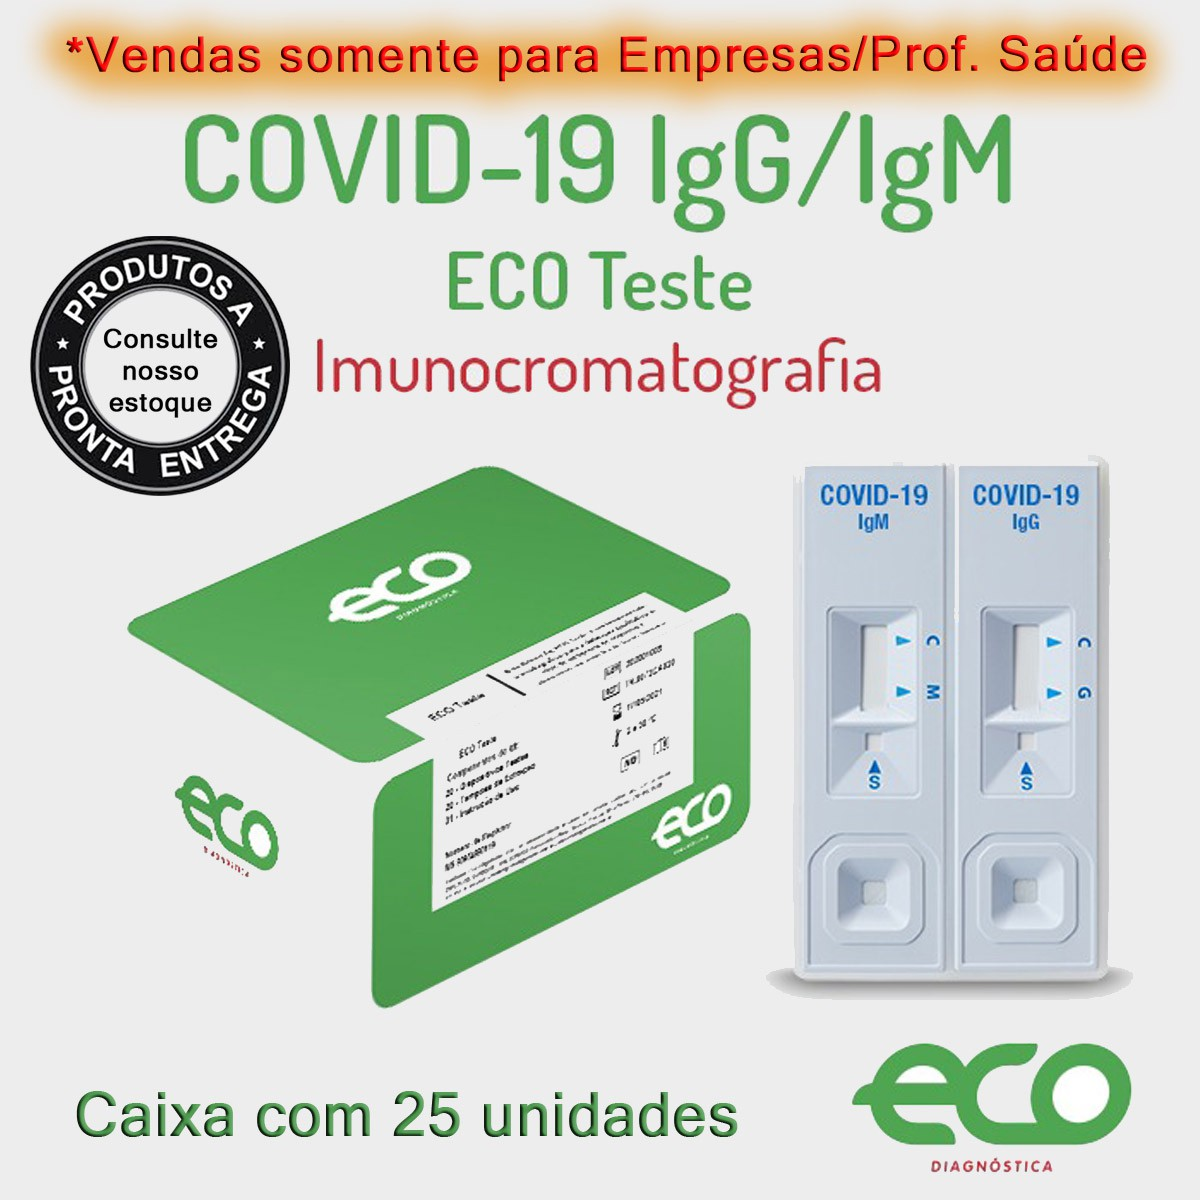 Teste Rápido COVID-19 IgM/IgG - Caixa com 25 testes  - Loja Saúde - Diagnósticos e Produtos Naturais